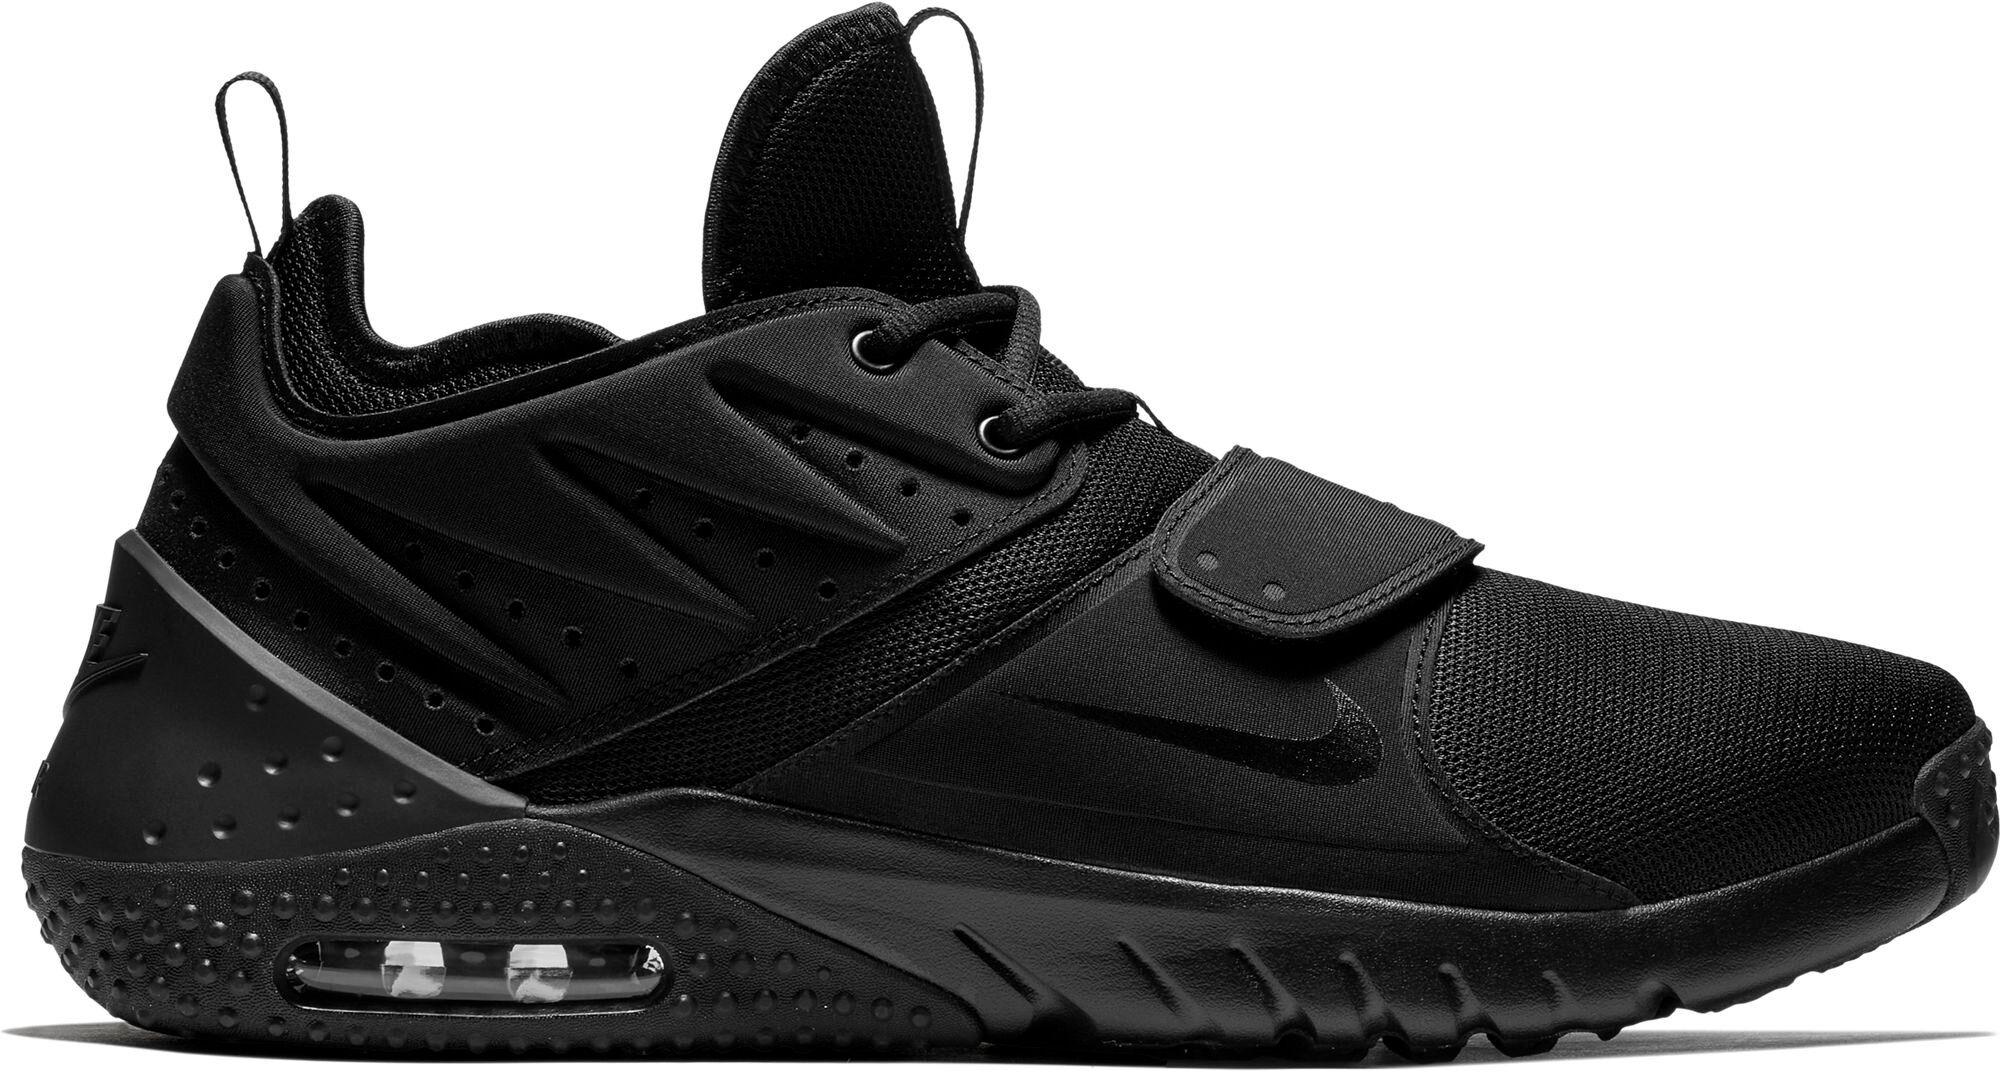 Nike Air Max 90 Tilbud : Seneste mode Nike Air Max 97 Sko